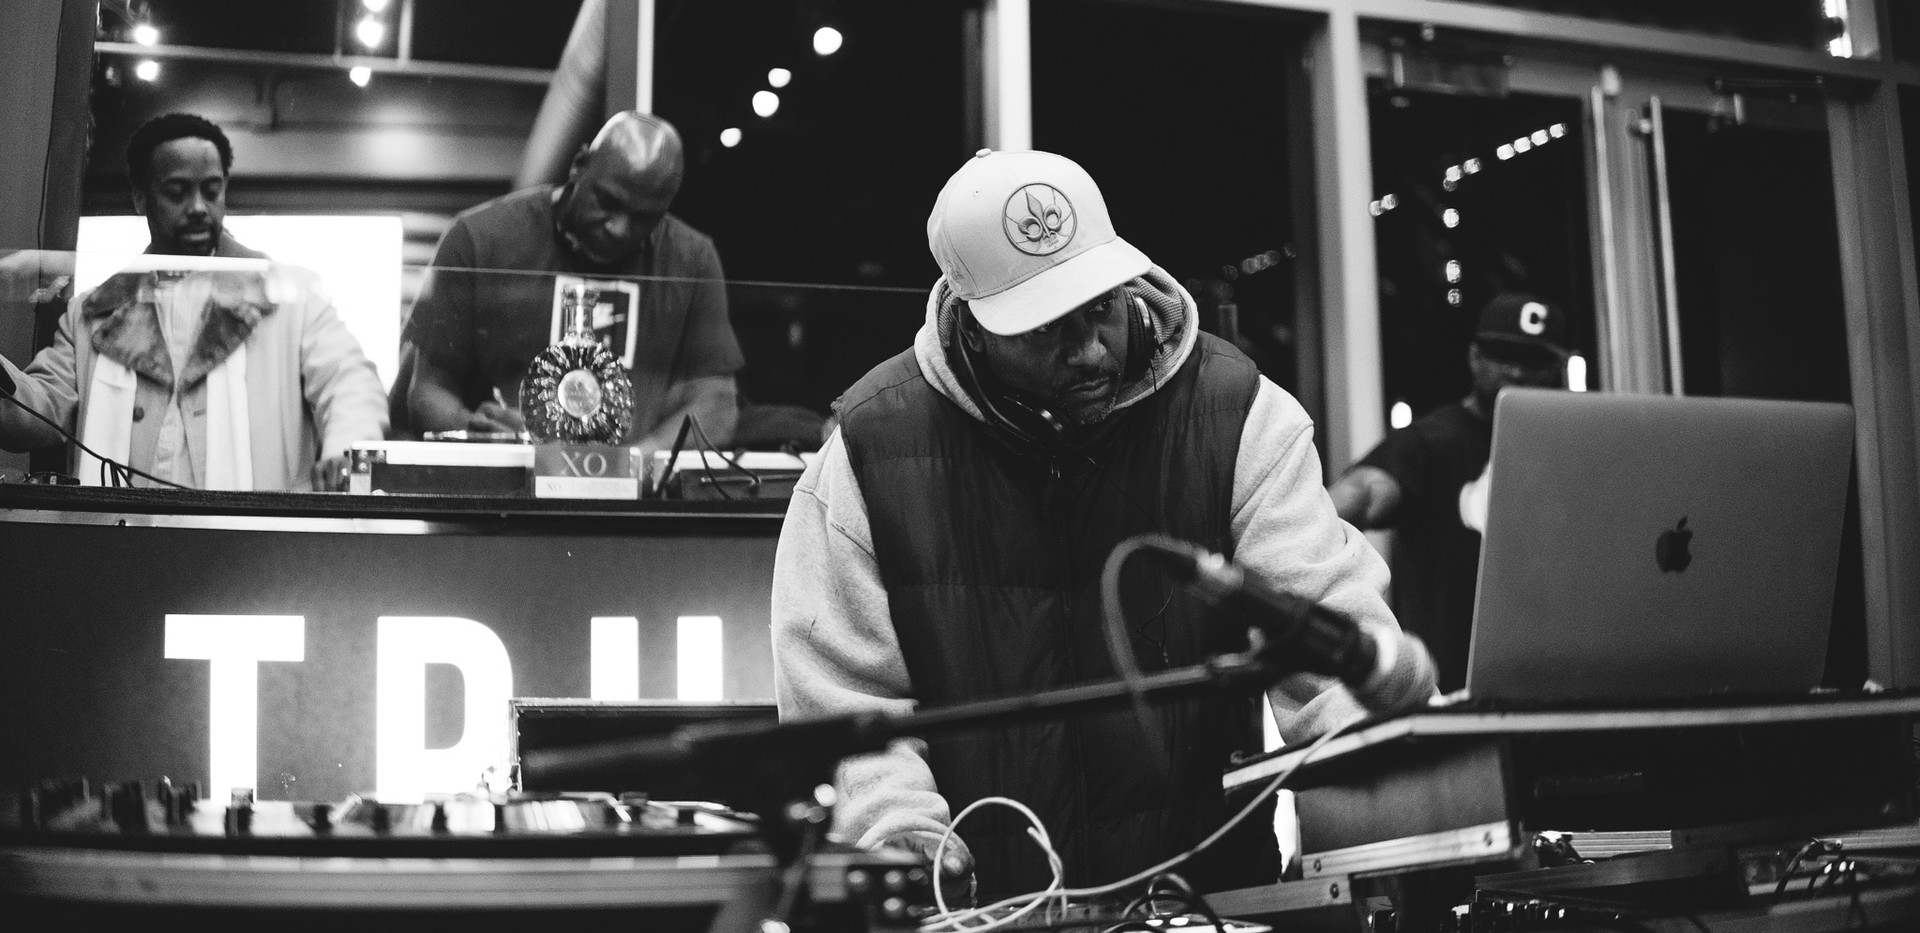 DJ+Blend+Battle+%40++True+%28189+of+248%